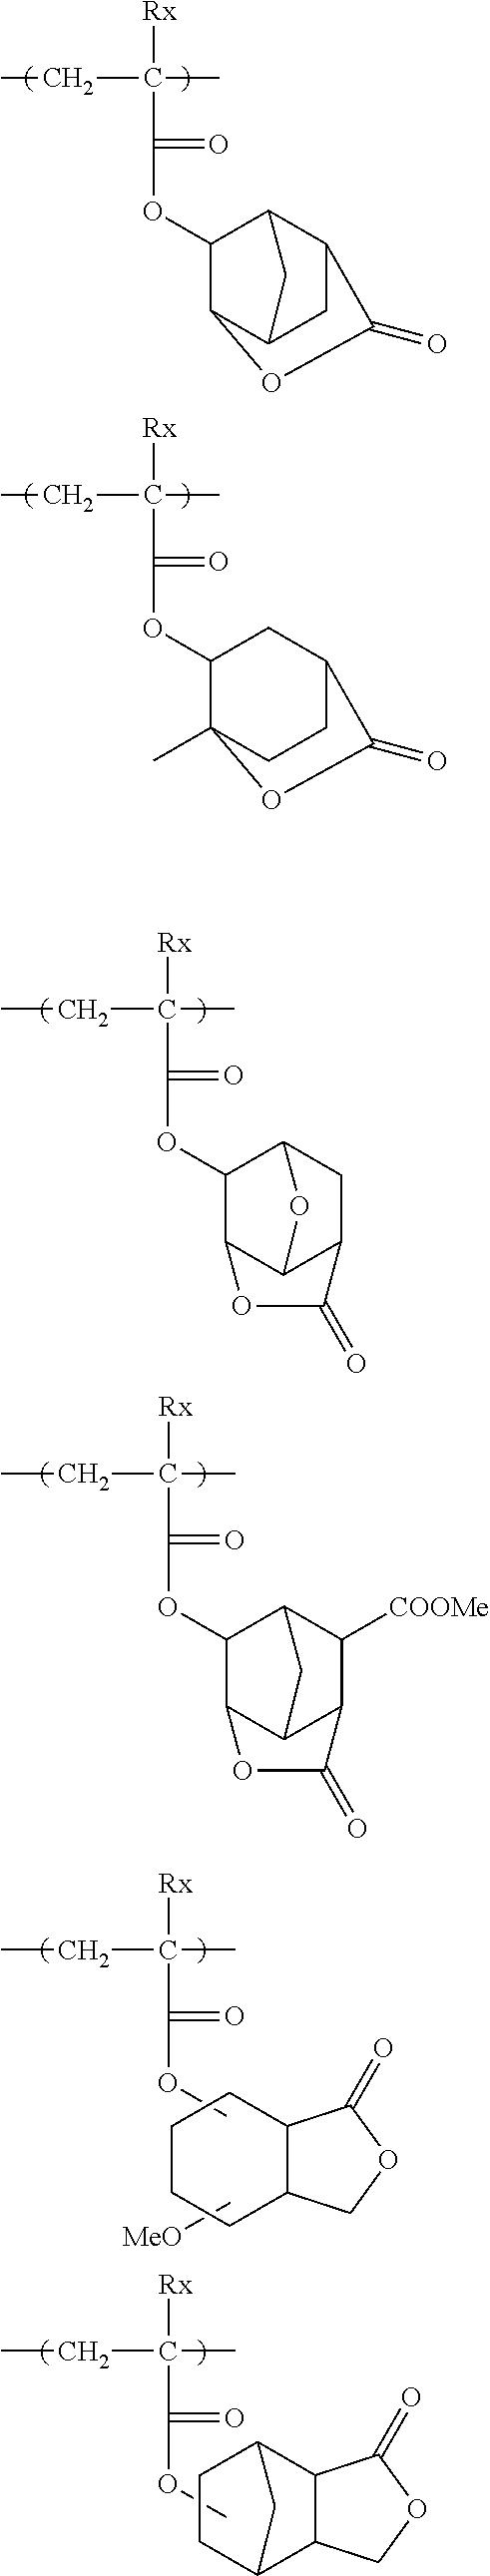 Figure US20110183258A1-20110728-C00046